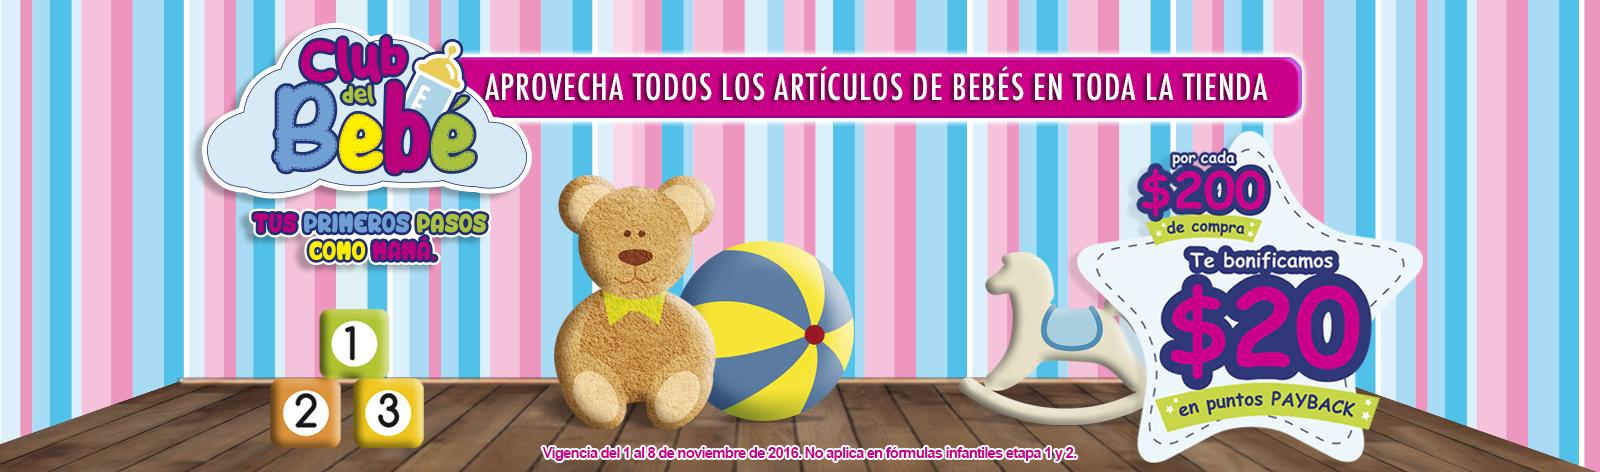 Comercial Mexicana y Mega: Club del Bebé, por cada $200 de compra te bonifican $20 en puntos Payback